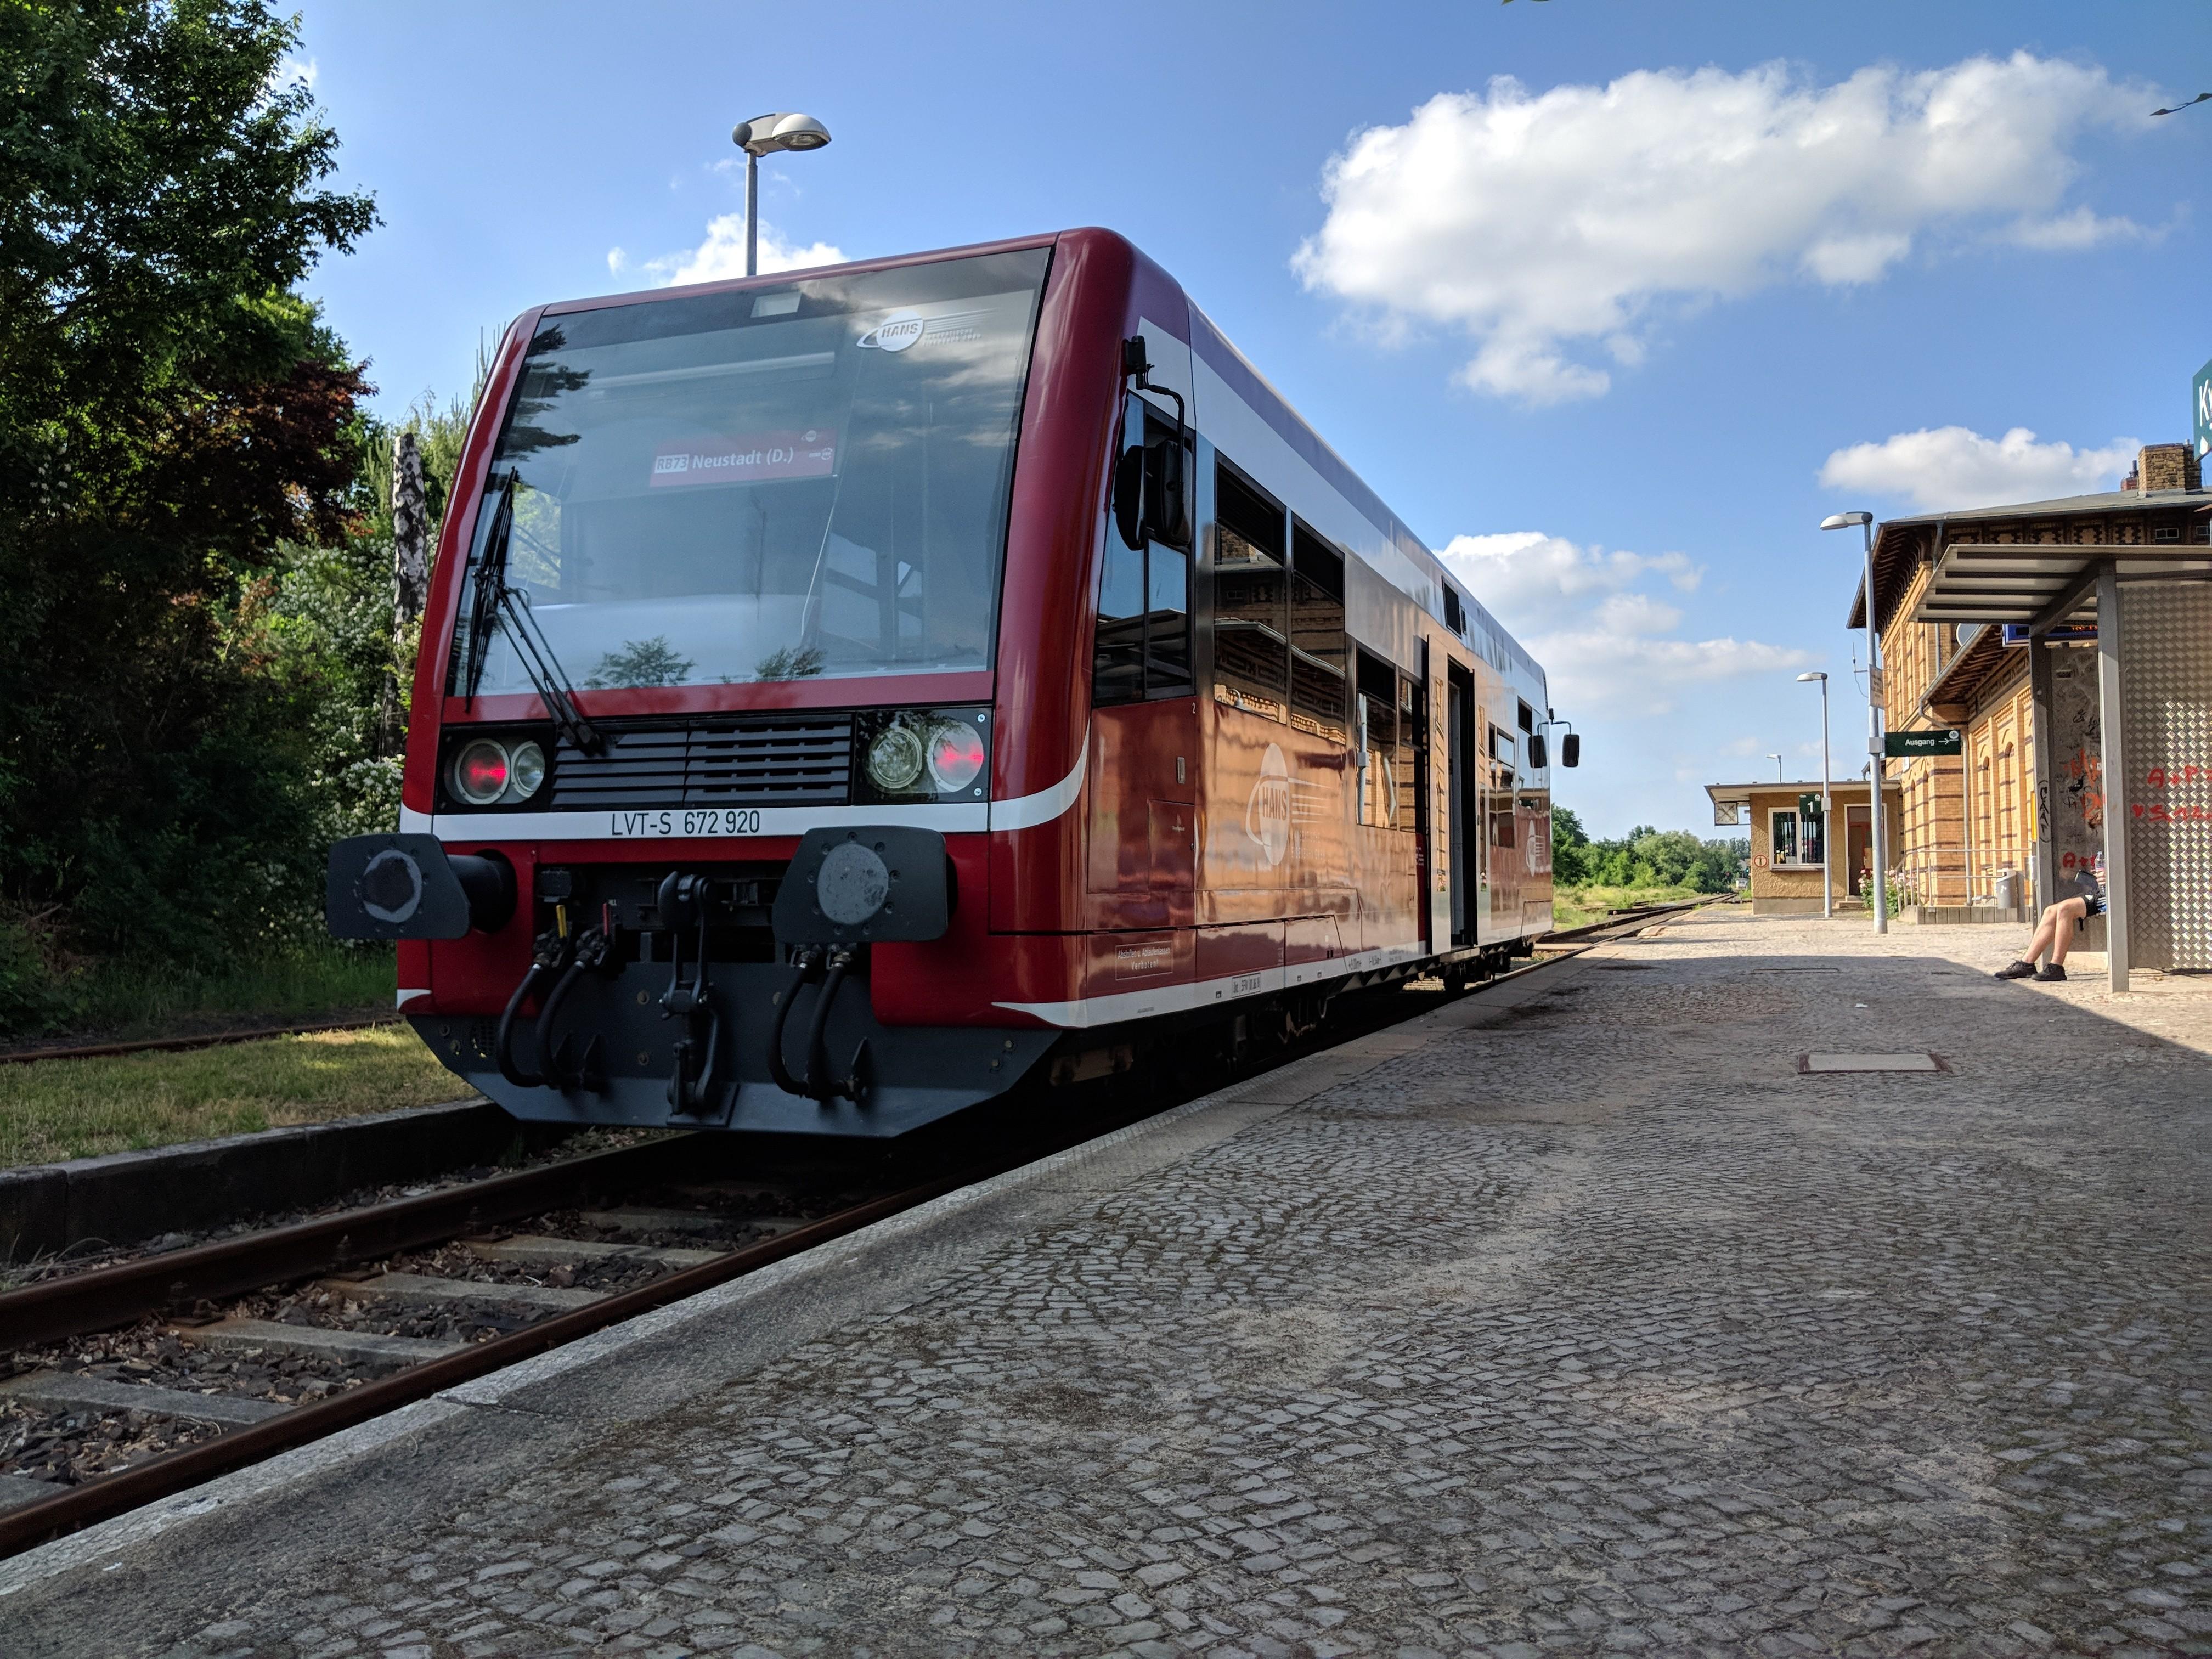 Hanseatische Eisenbahn